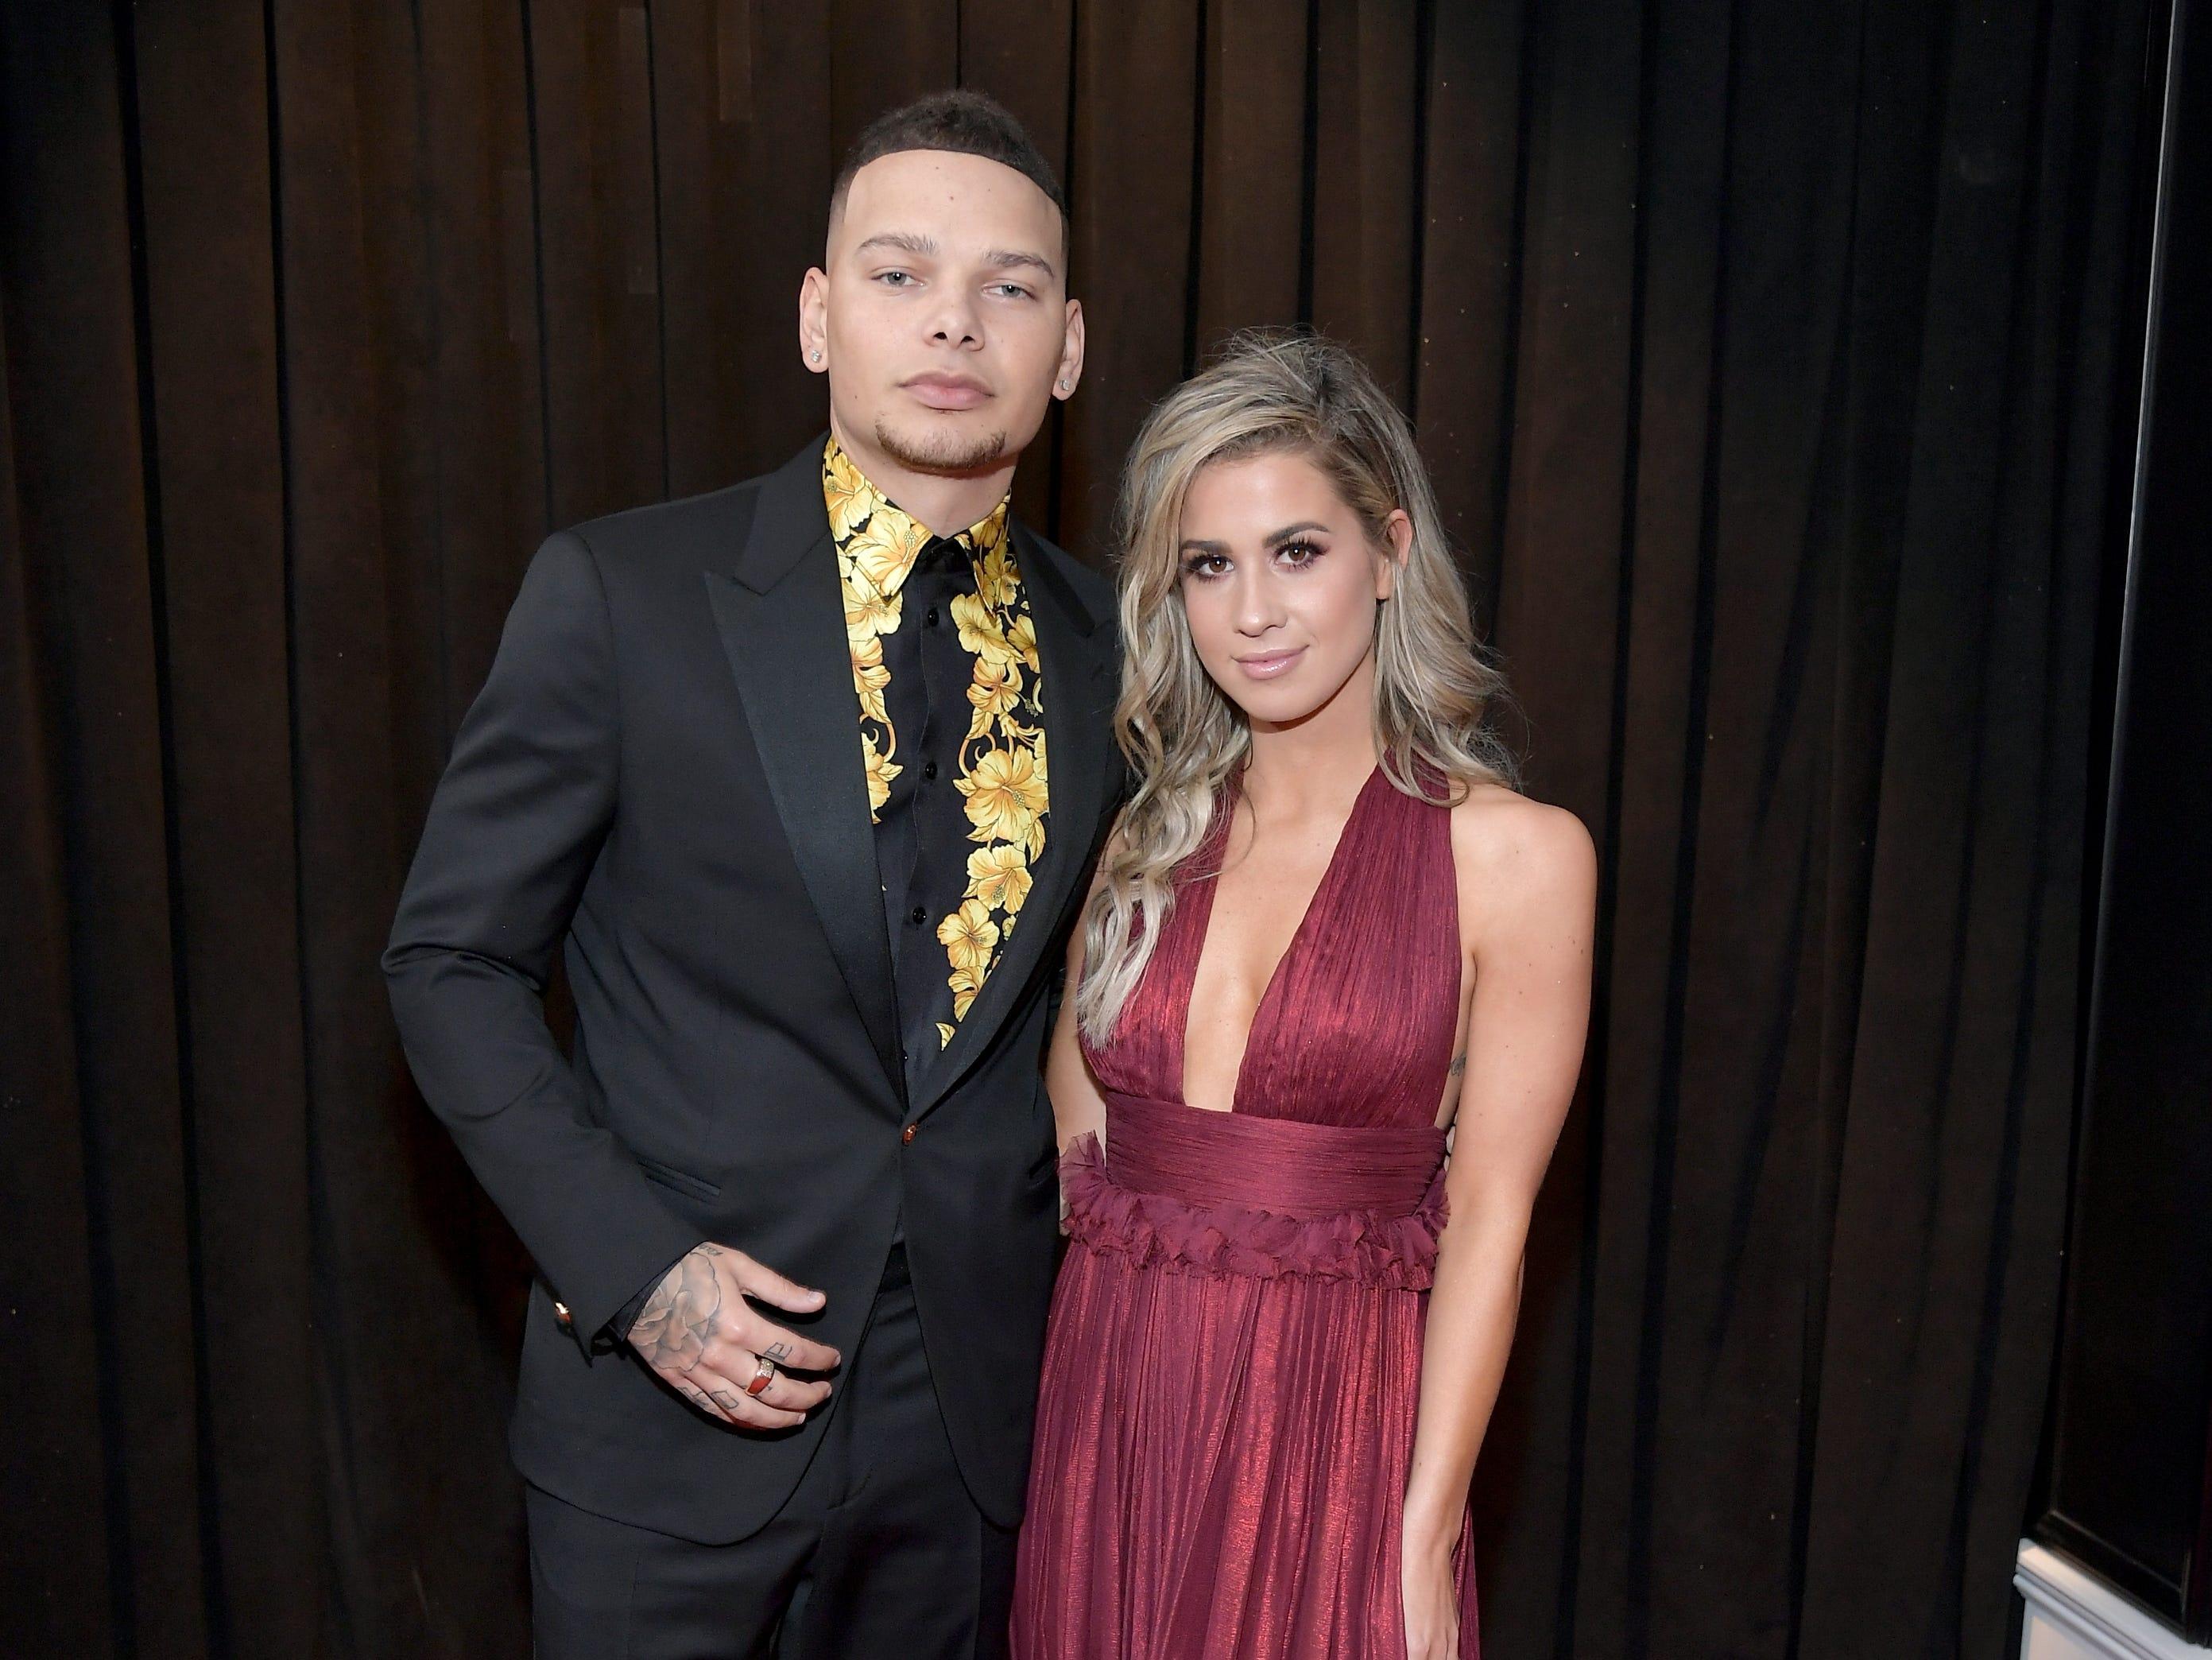 Kane Brown y Katelyn Jae asisten a la 61ª edición de los premios GRAMMY en el Staples Center el 10 de febrero de 2019 en Los Ángeles, California.